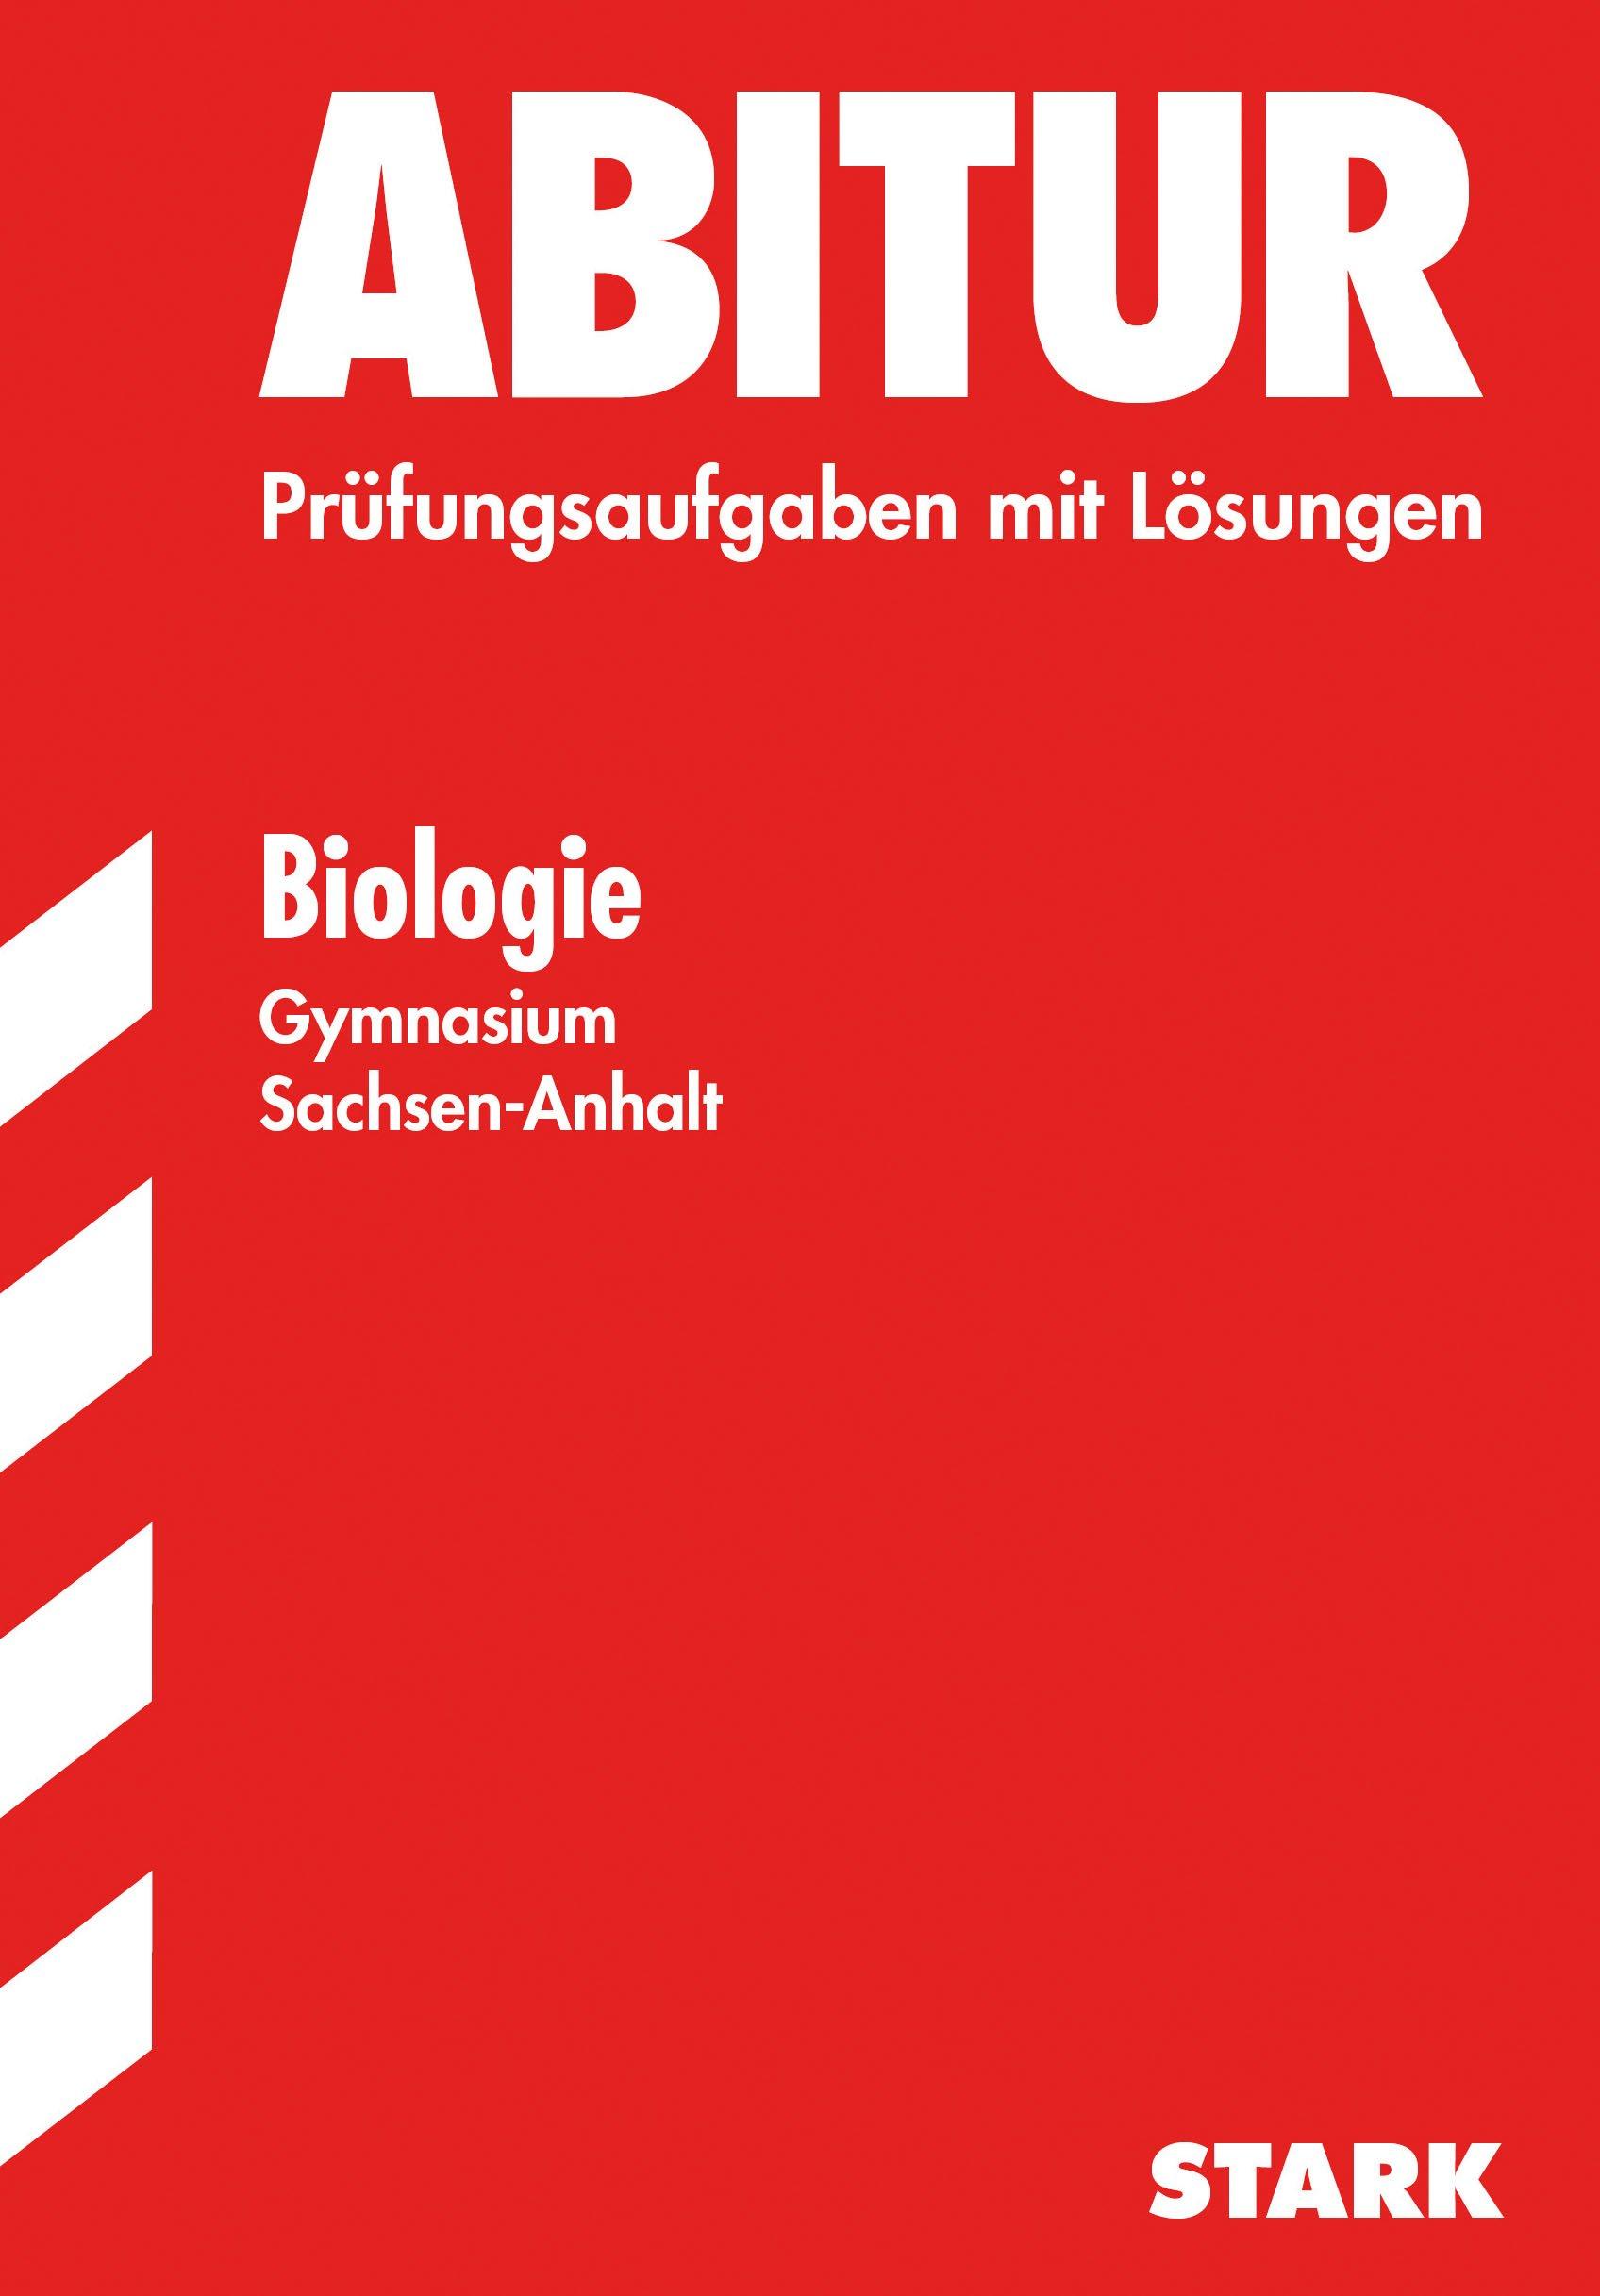 Abiturprüfung Sachsen-Anhalt - Biologie GKN/LKN